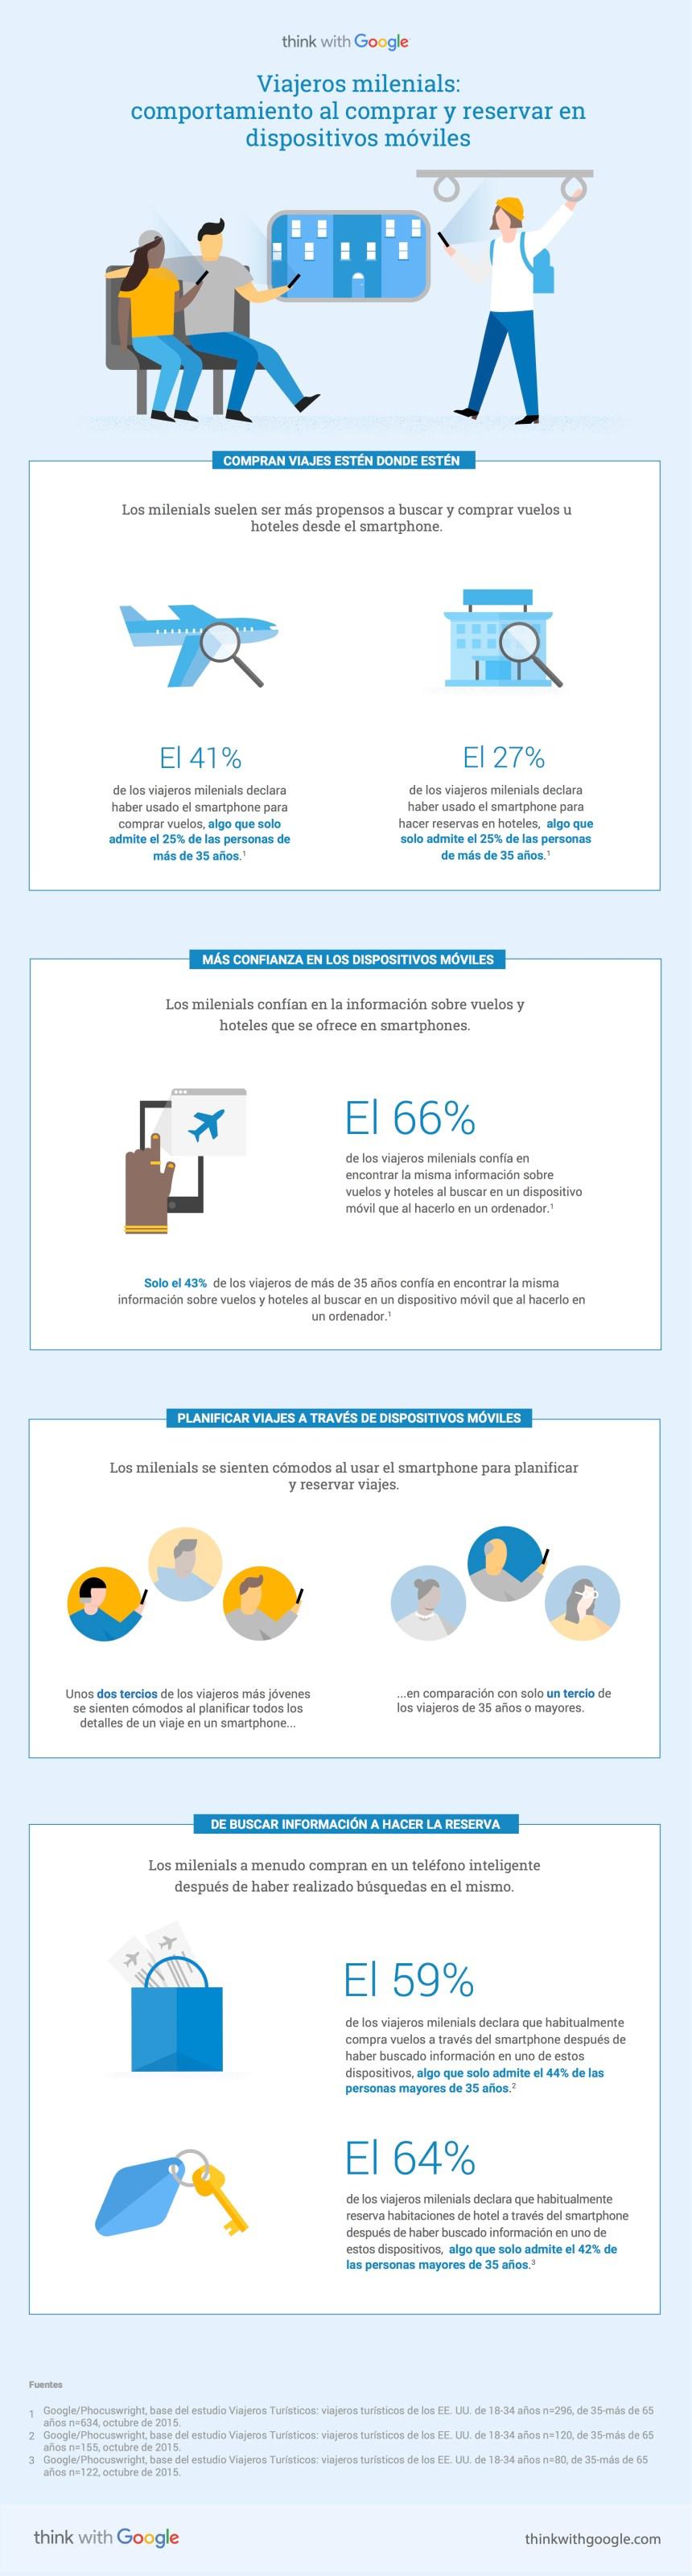 Viajeros millenials: compra y reserva en dispositivos móviles